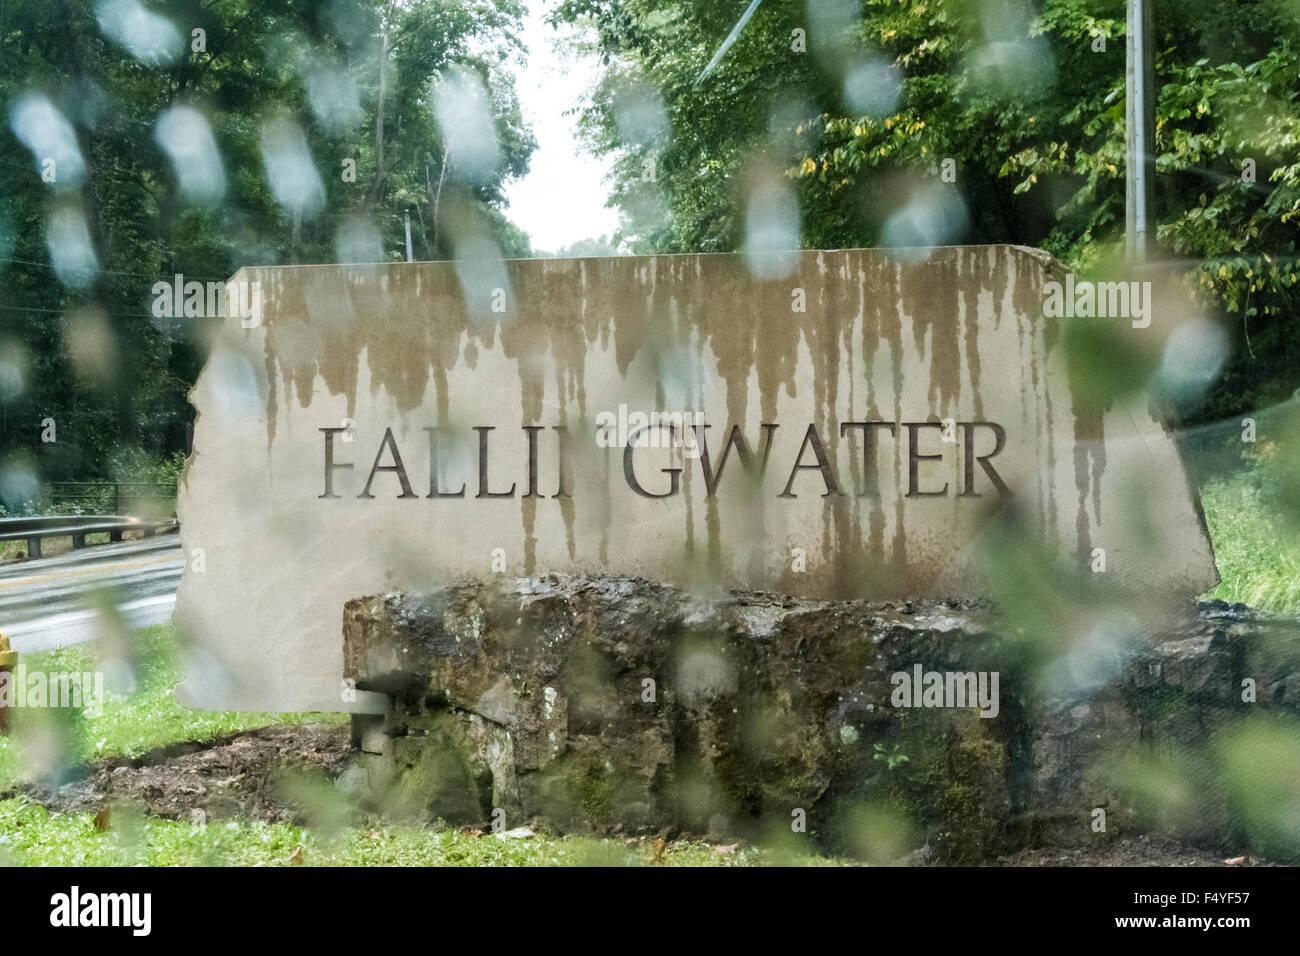 Fallingwater cartello stradale sotto la pioggia. Foto Stock